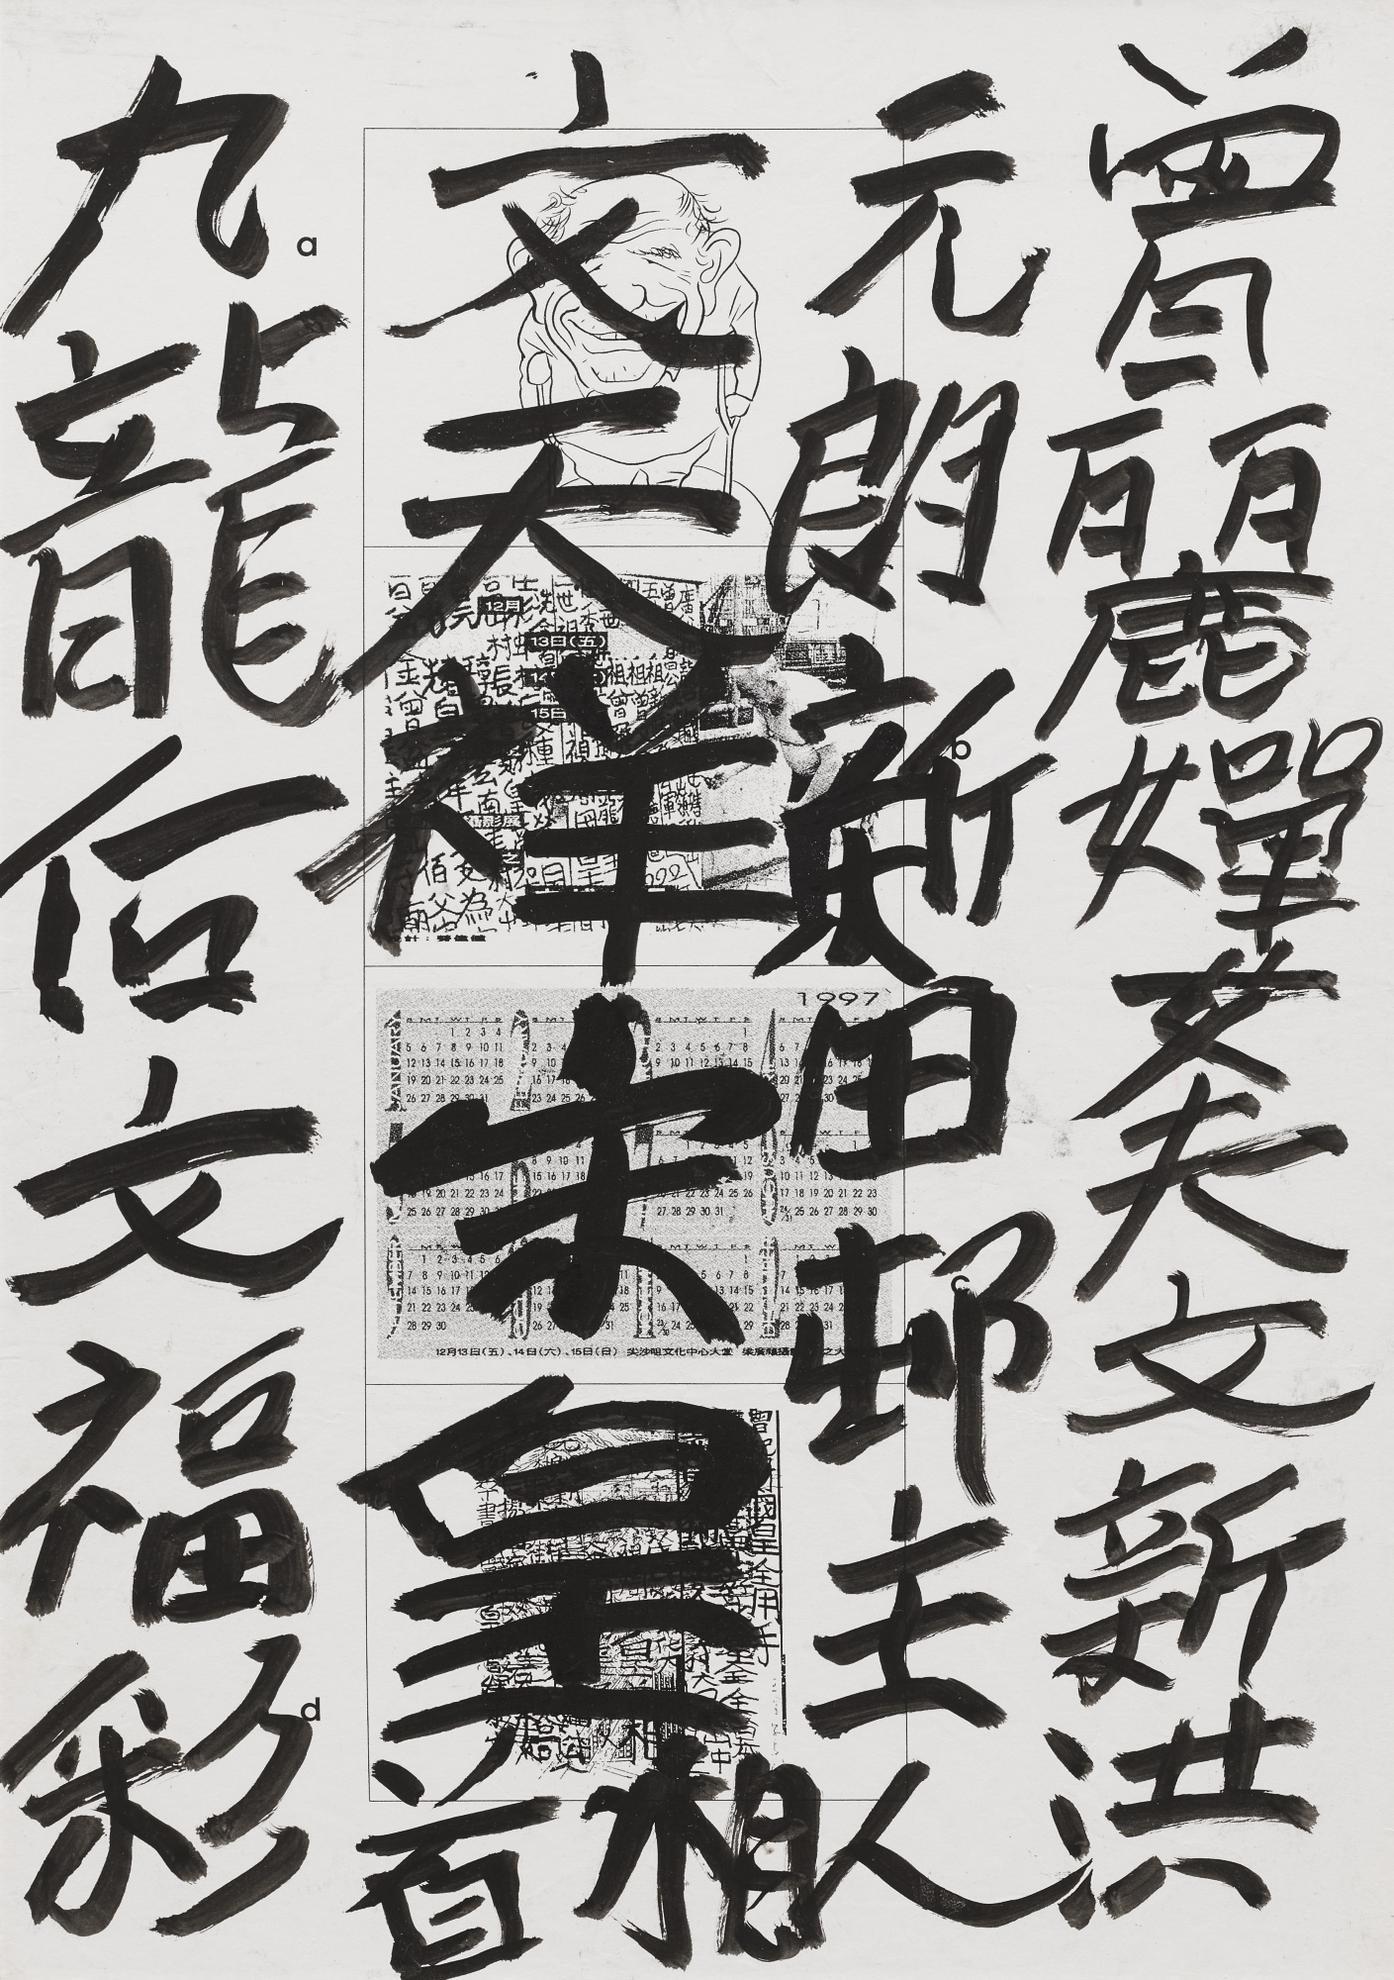 Tsang Tsou Choi-Calligraphy-1997